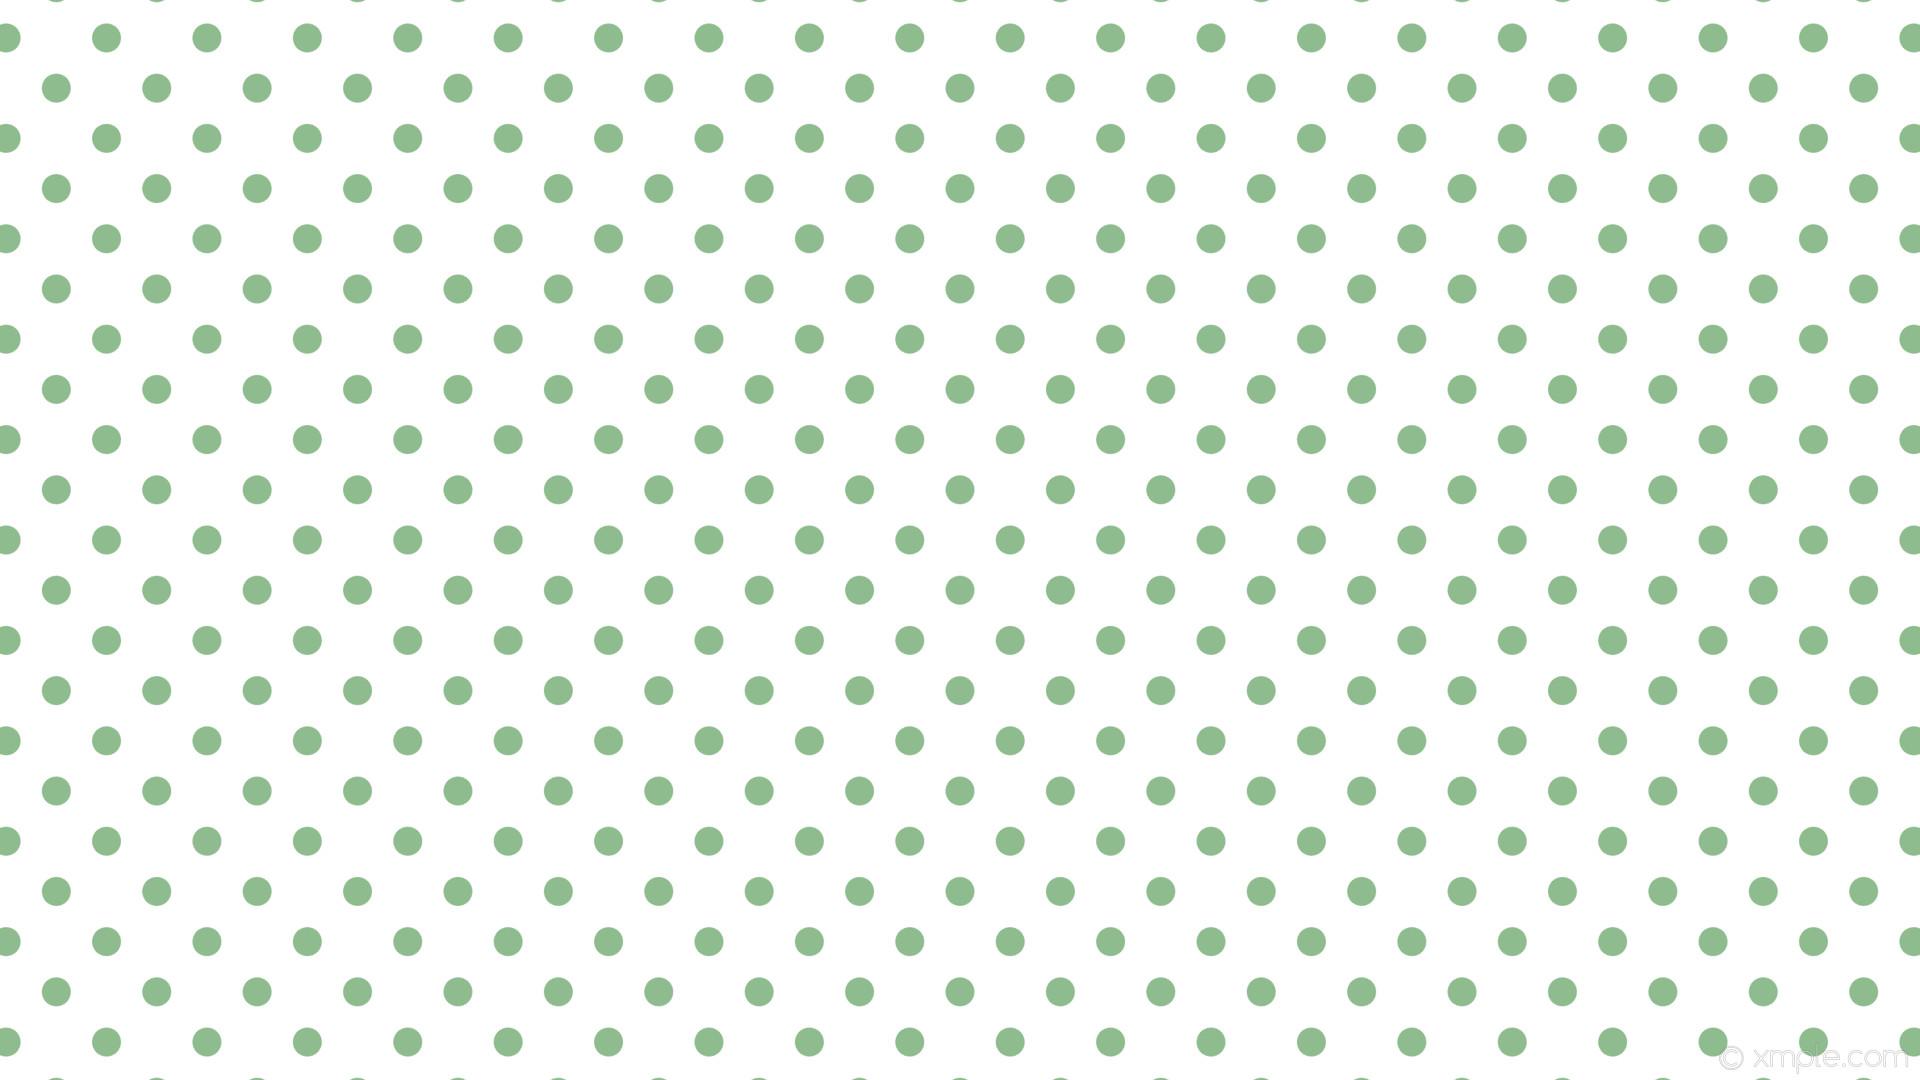 wallpaper white polka dots spots green dark sea green #ffffff #8fbc8f 225°  29px